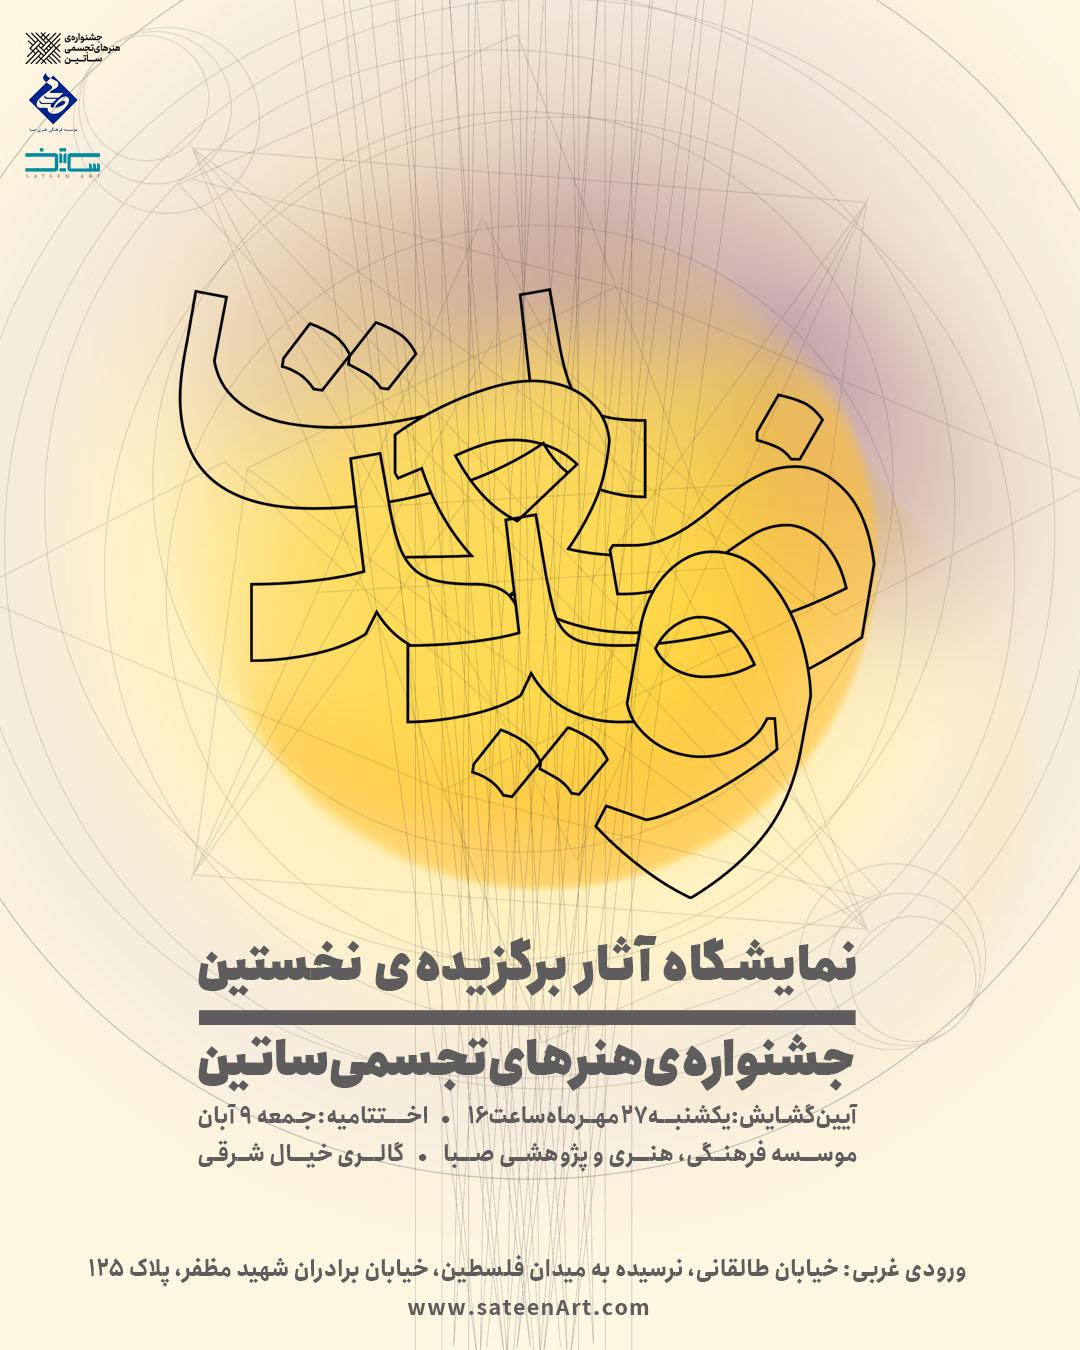 نمایشگاه آثار برگزیده نخستین جشنواره هنرهای تجسمی ساتین